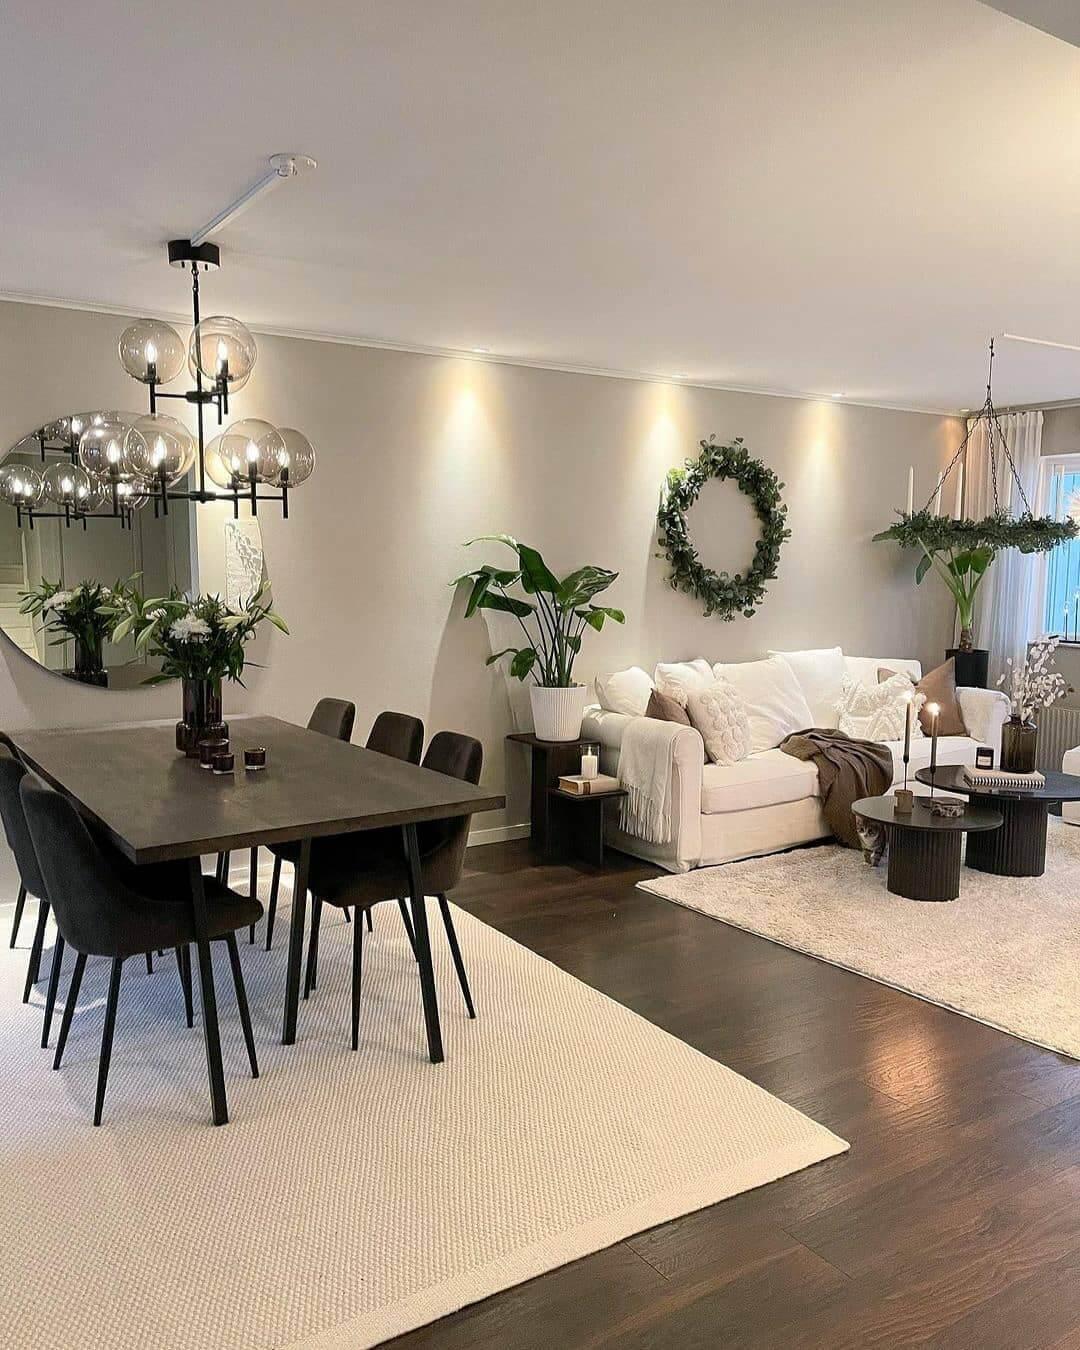 Should Living Room Furniture Match Dining Room Furniture?